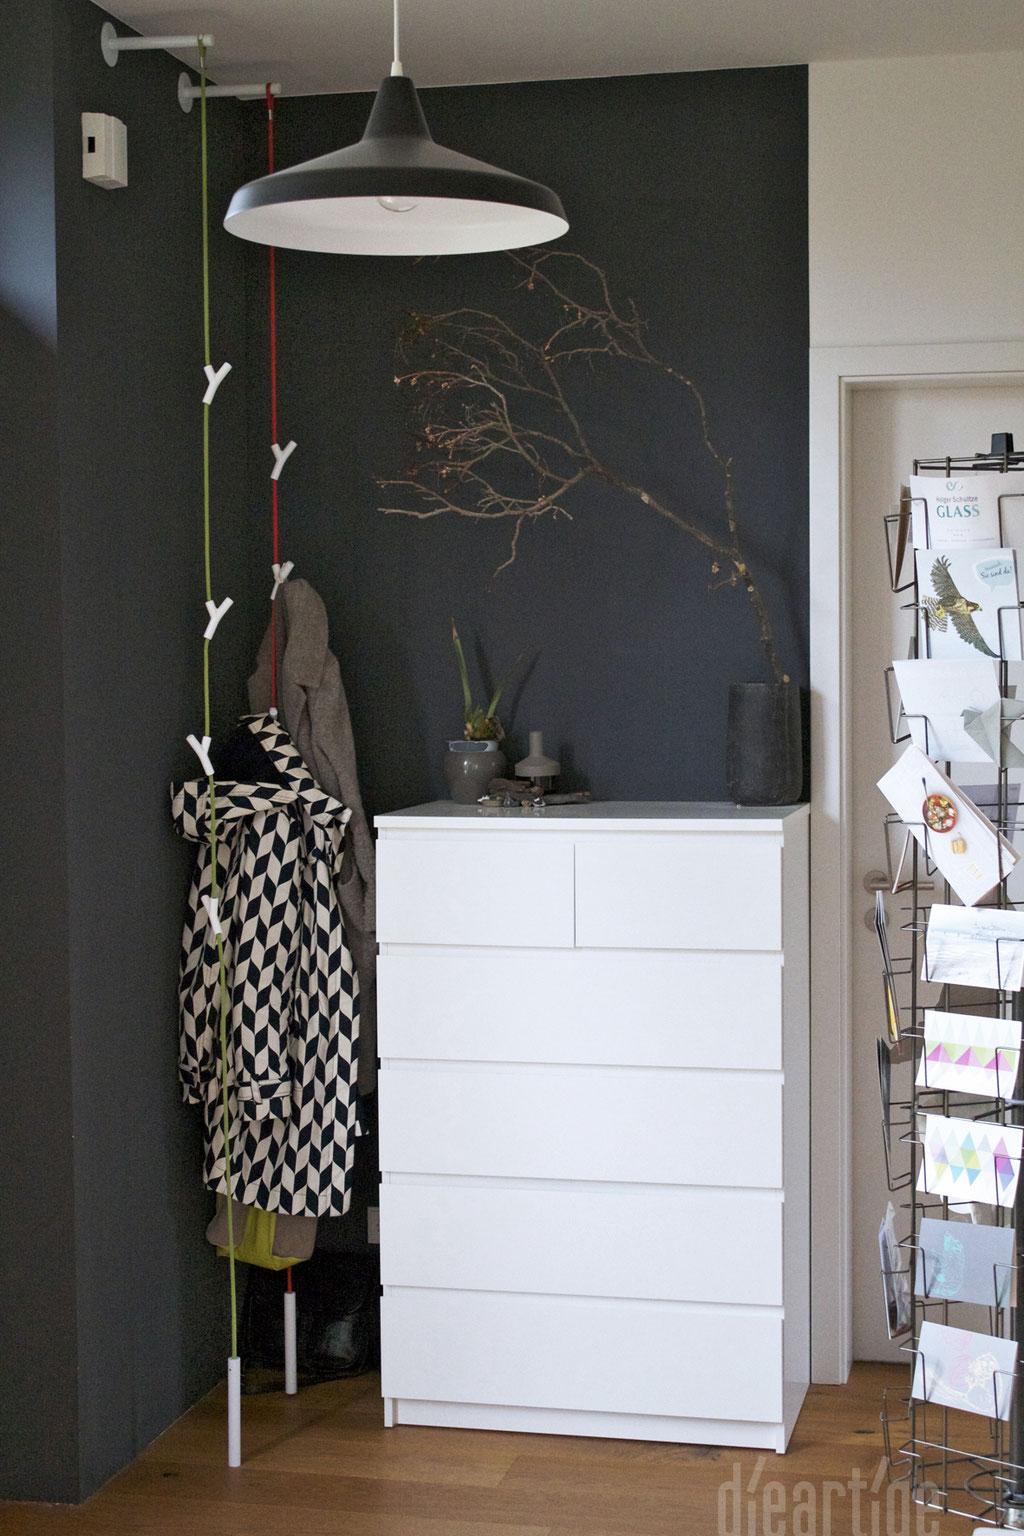 Wandfarbe Dunkel anthrazit eine wandfarbe nicht nur für dunkle ecken dieartige